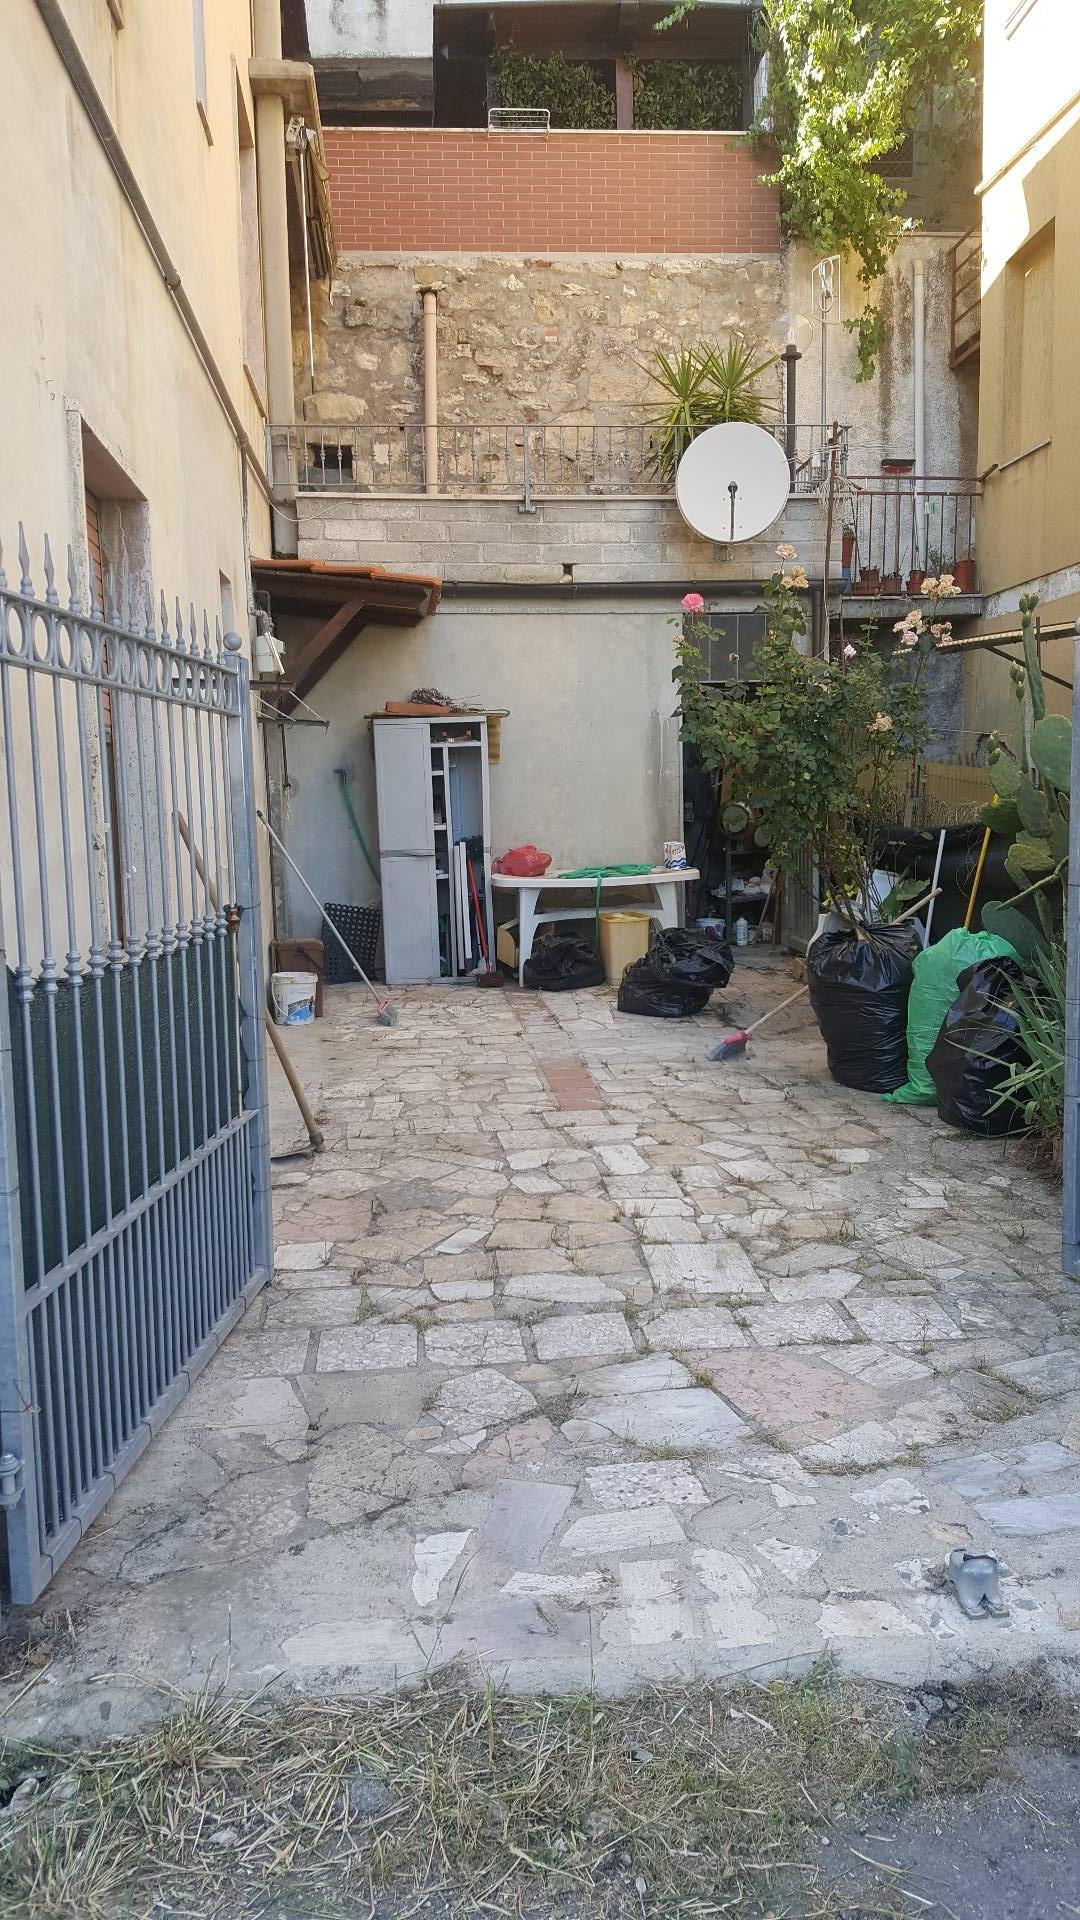 Appartamento in vendita a Ascoli Piceno, 4 locali, zona Località: CampoParignano, prezzo € 75.000 | CambioCasa.it